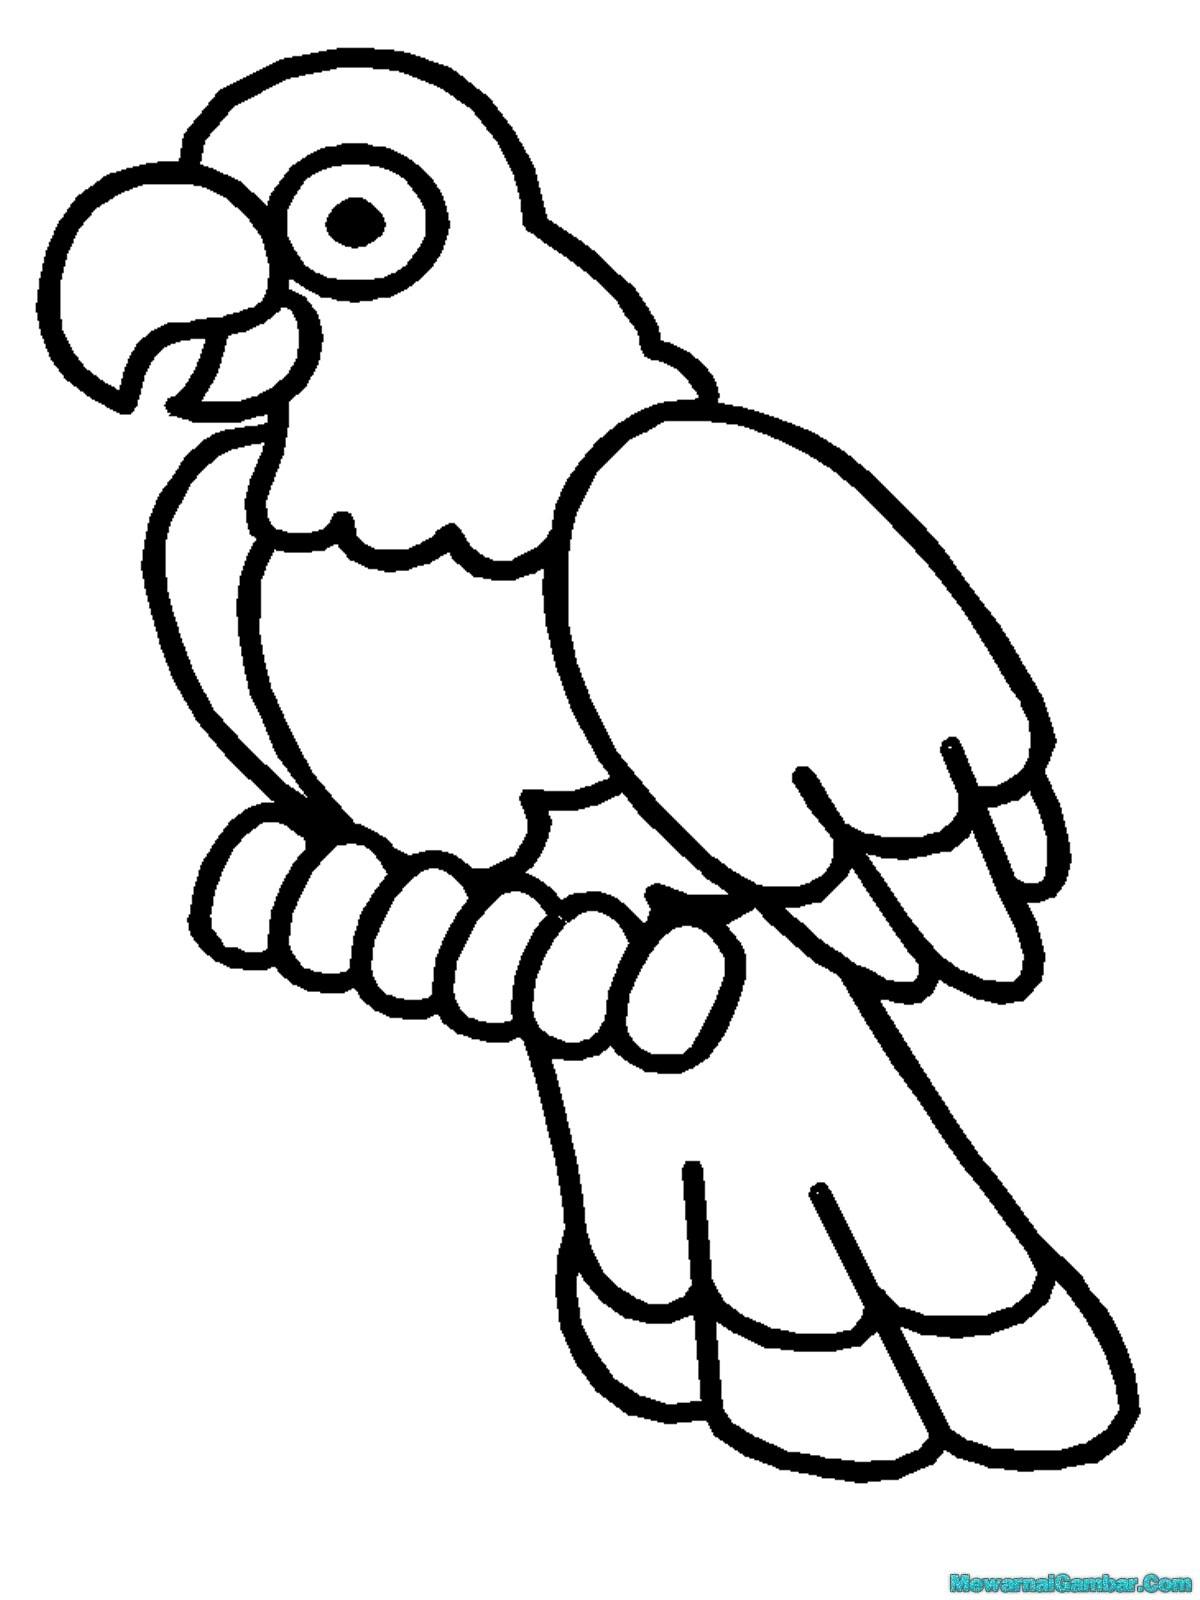 Download 15 Gambar Burung Untuk Diwarnai Mewarnai Gambar